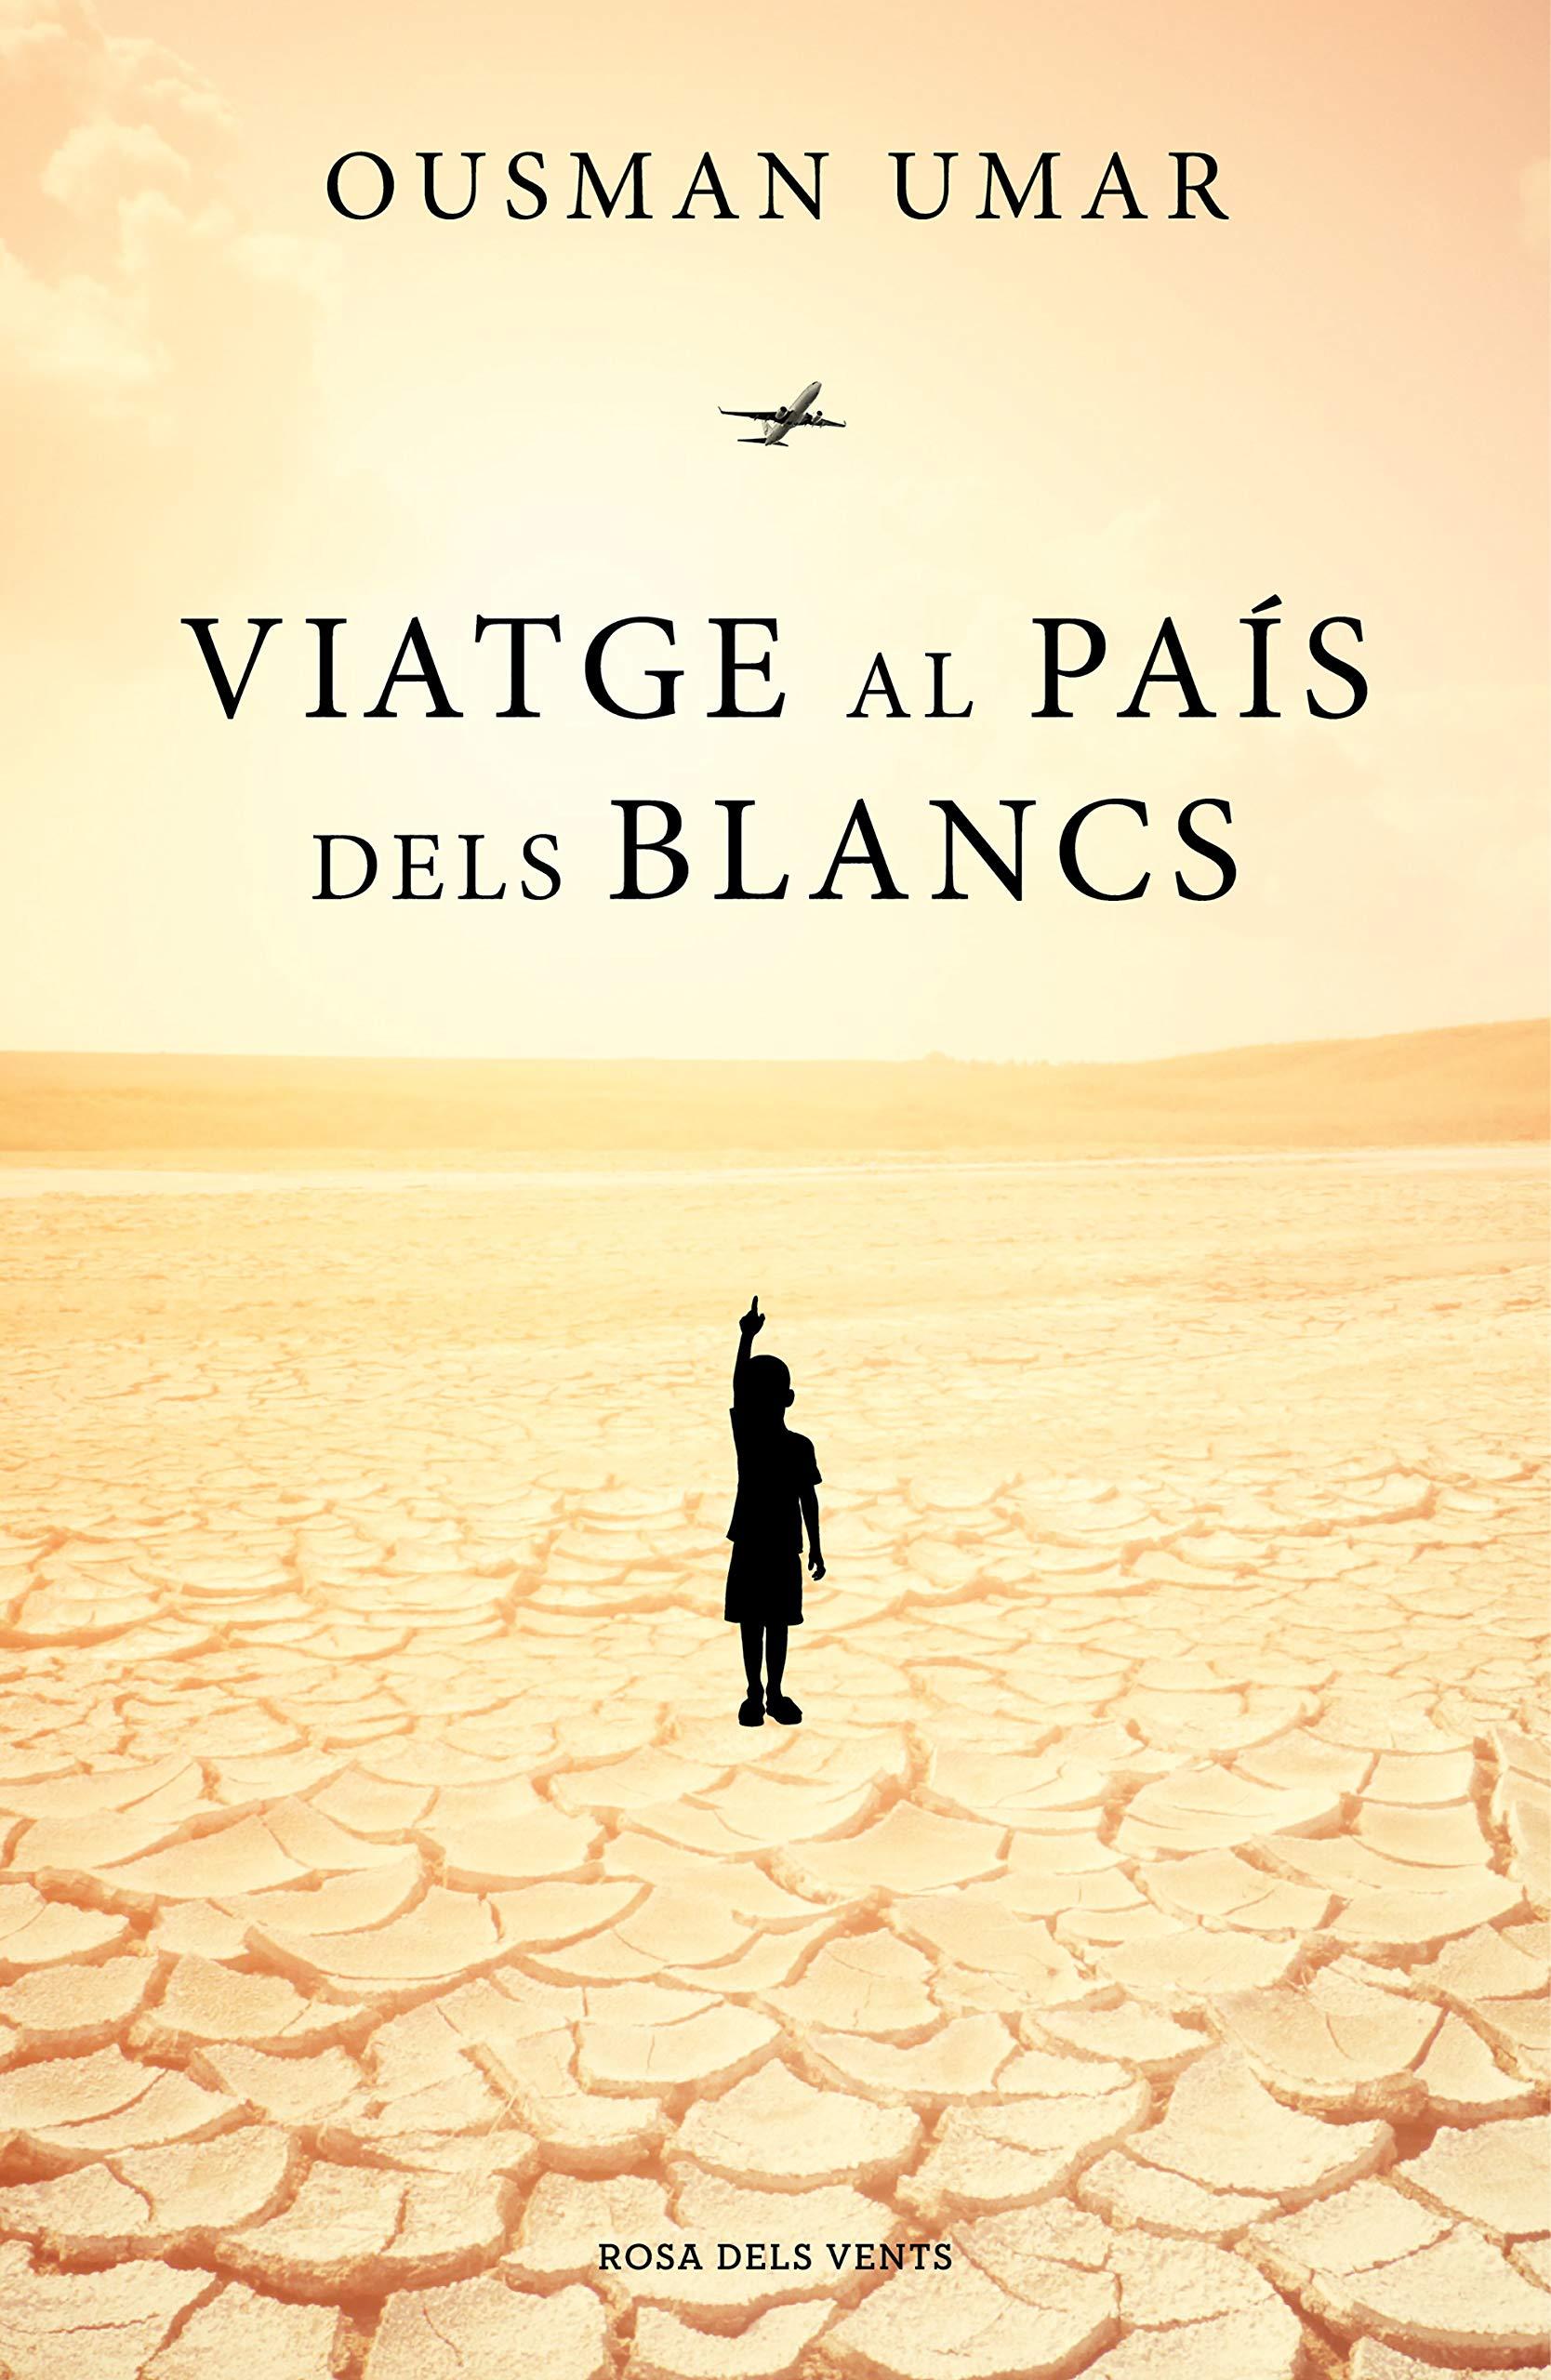 Viatge al país dels blancs (Catalan Edition)